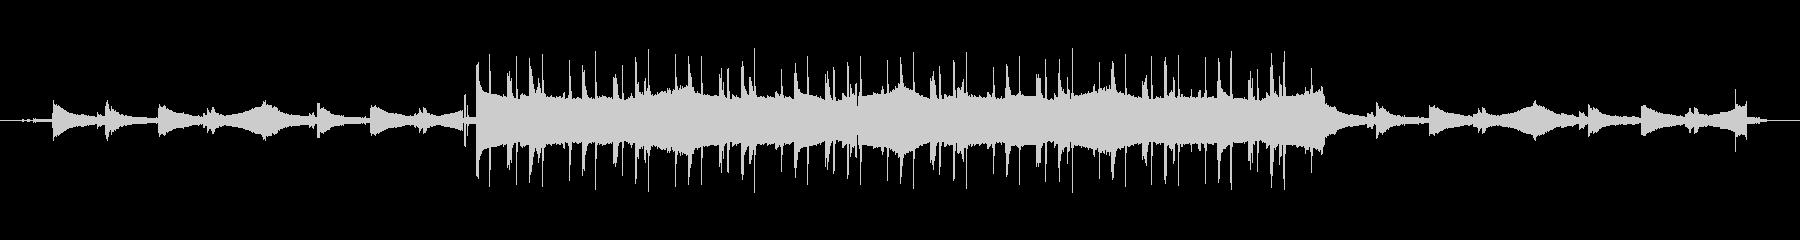 Lofiで落ち着くインストの未再生の波形